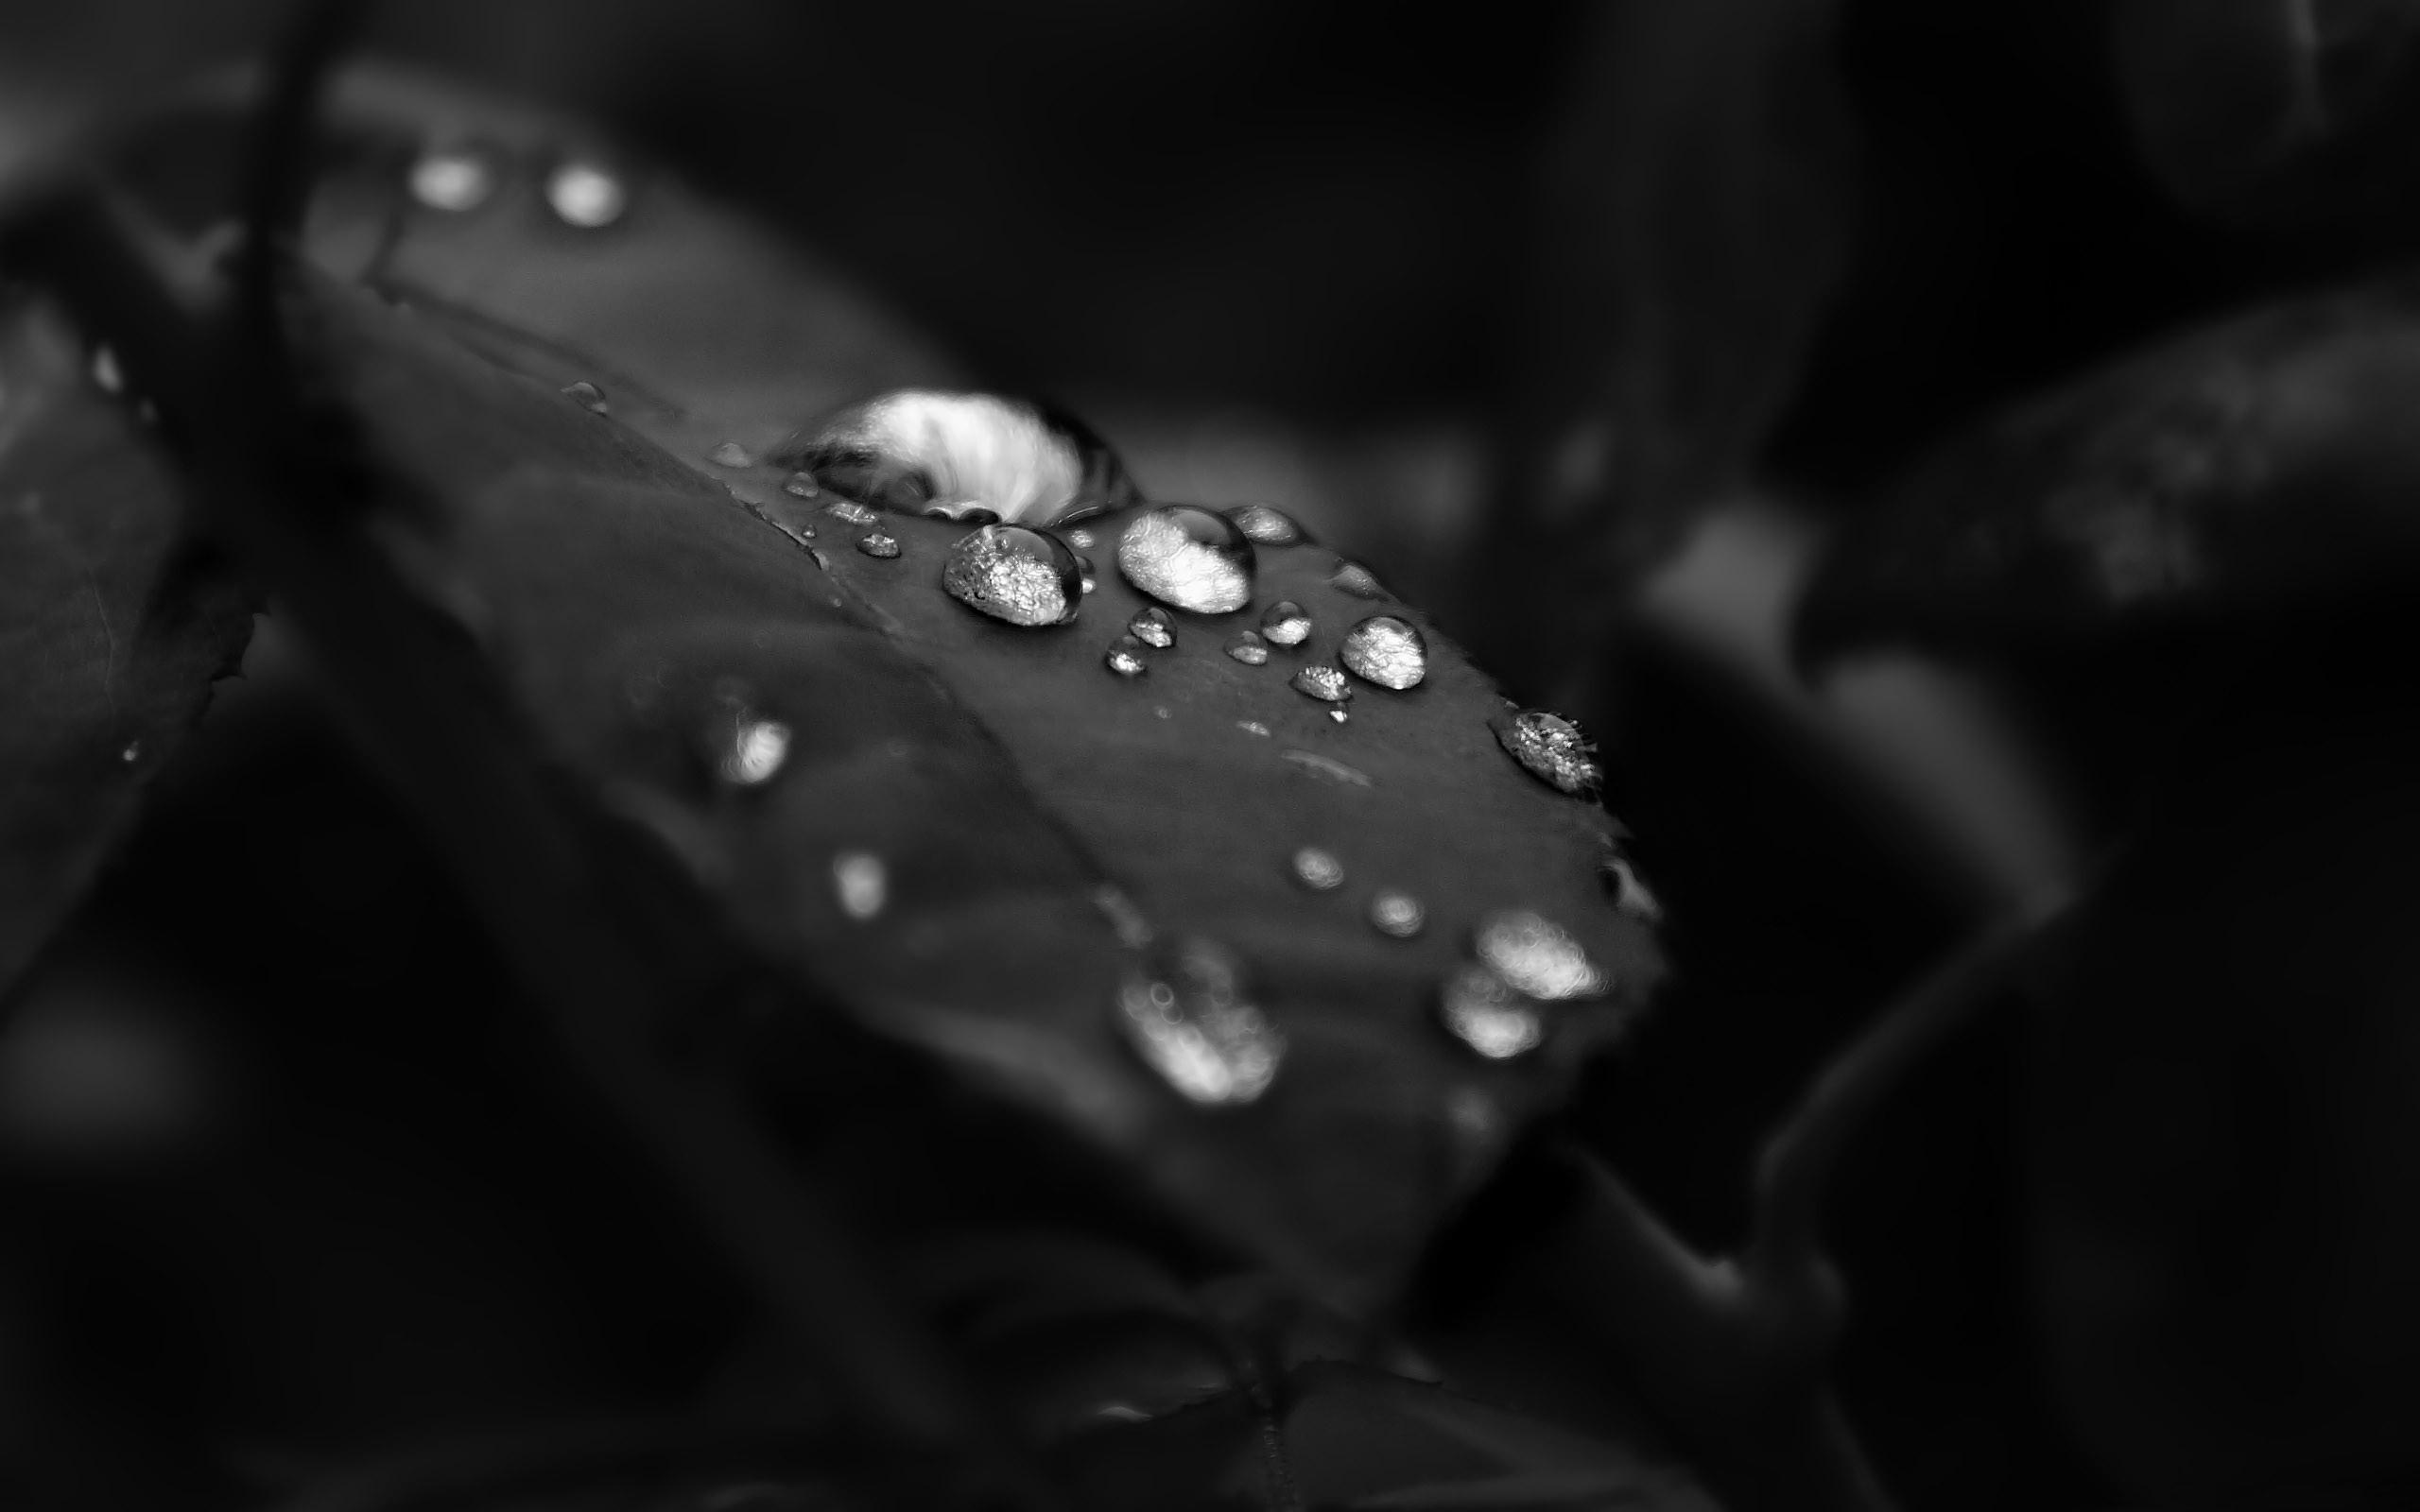 beautiful water droplet wllpaper